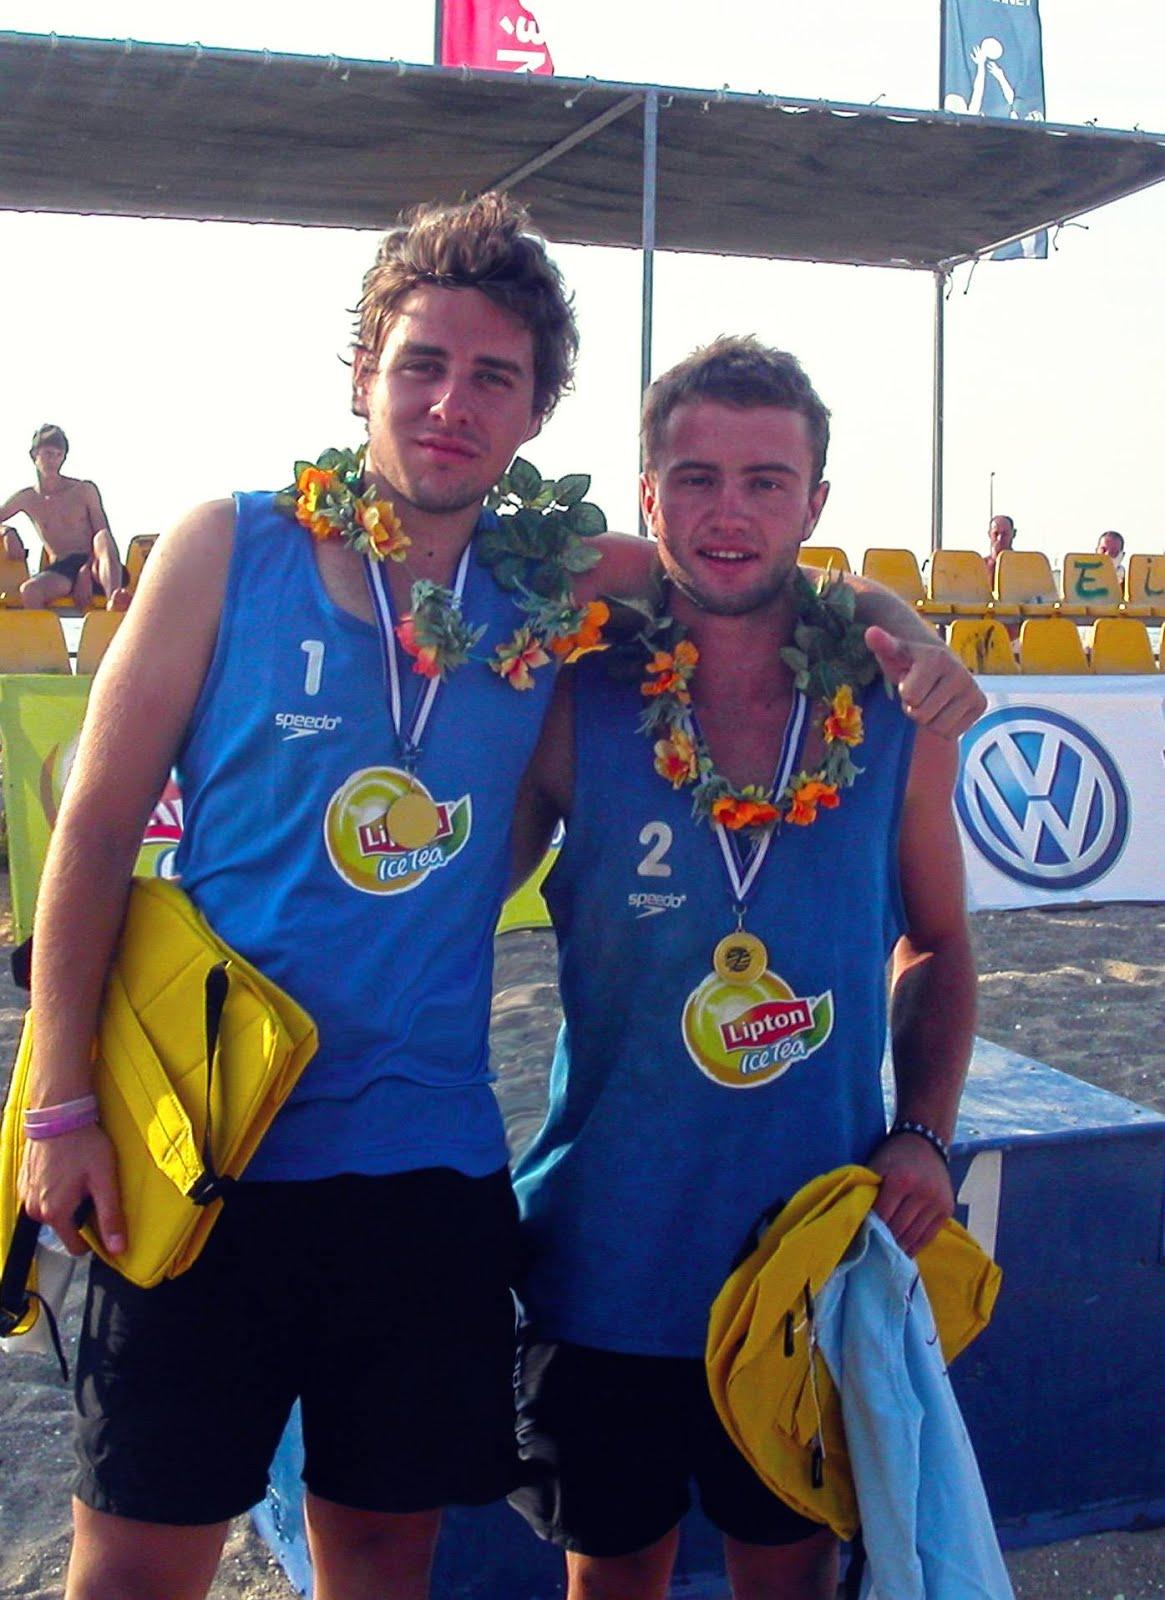 Πανελλήνιες Διακρίσεις για τους αθλητές του EL BANDANA